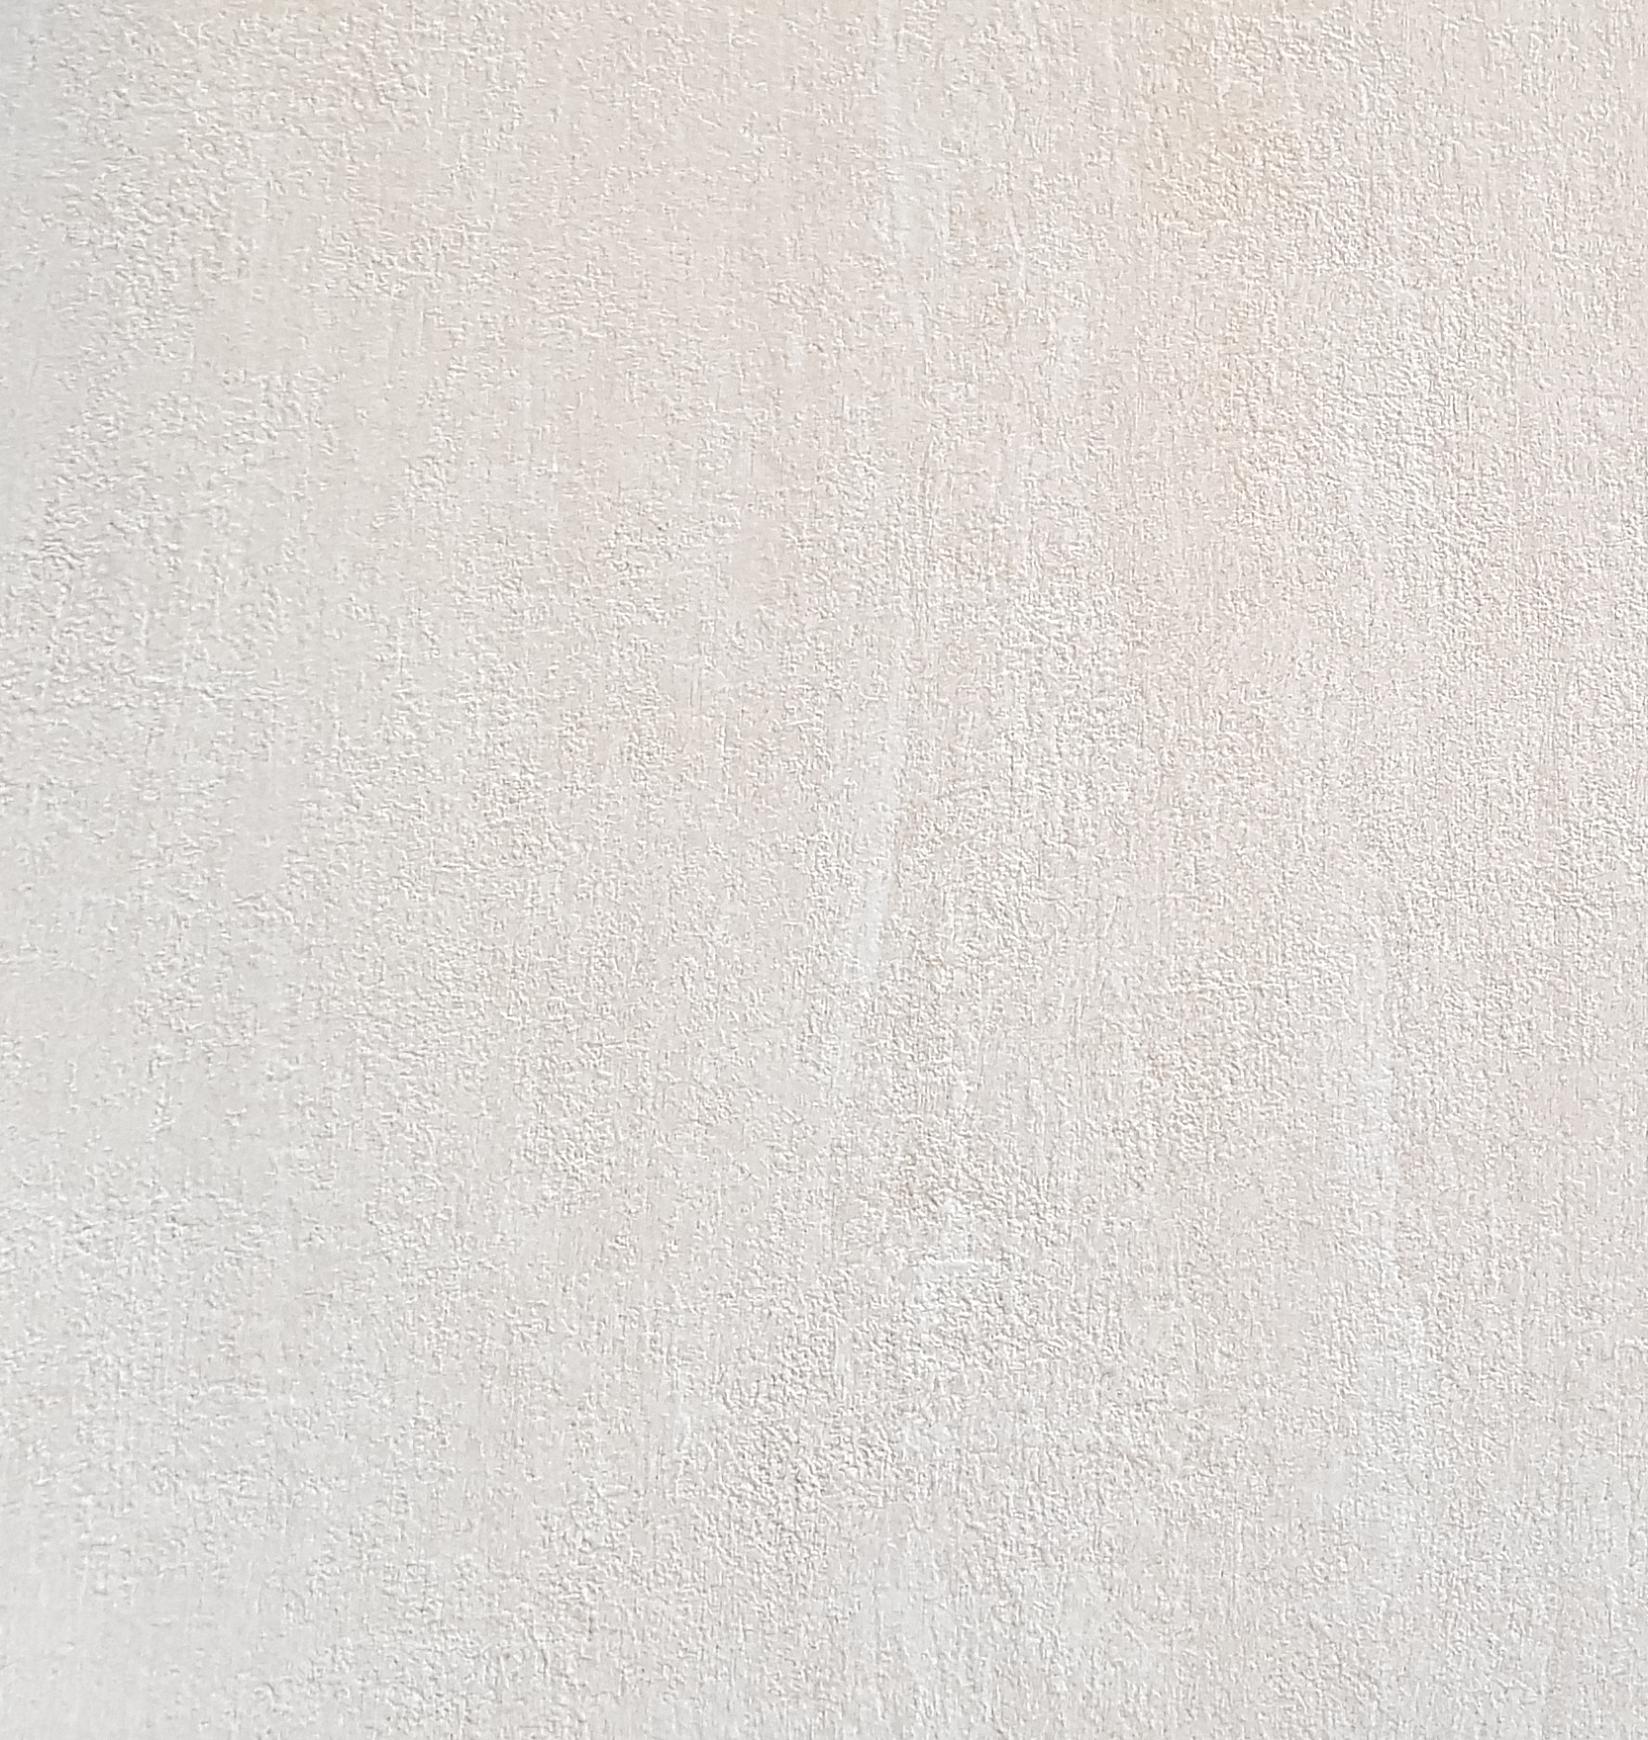 produits bois mat riaux carrelage salle de bains quincaillerie peinture promotions. Black Bedroom Furniture Sets. Home Design Ideas